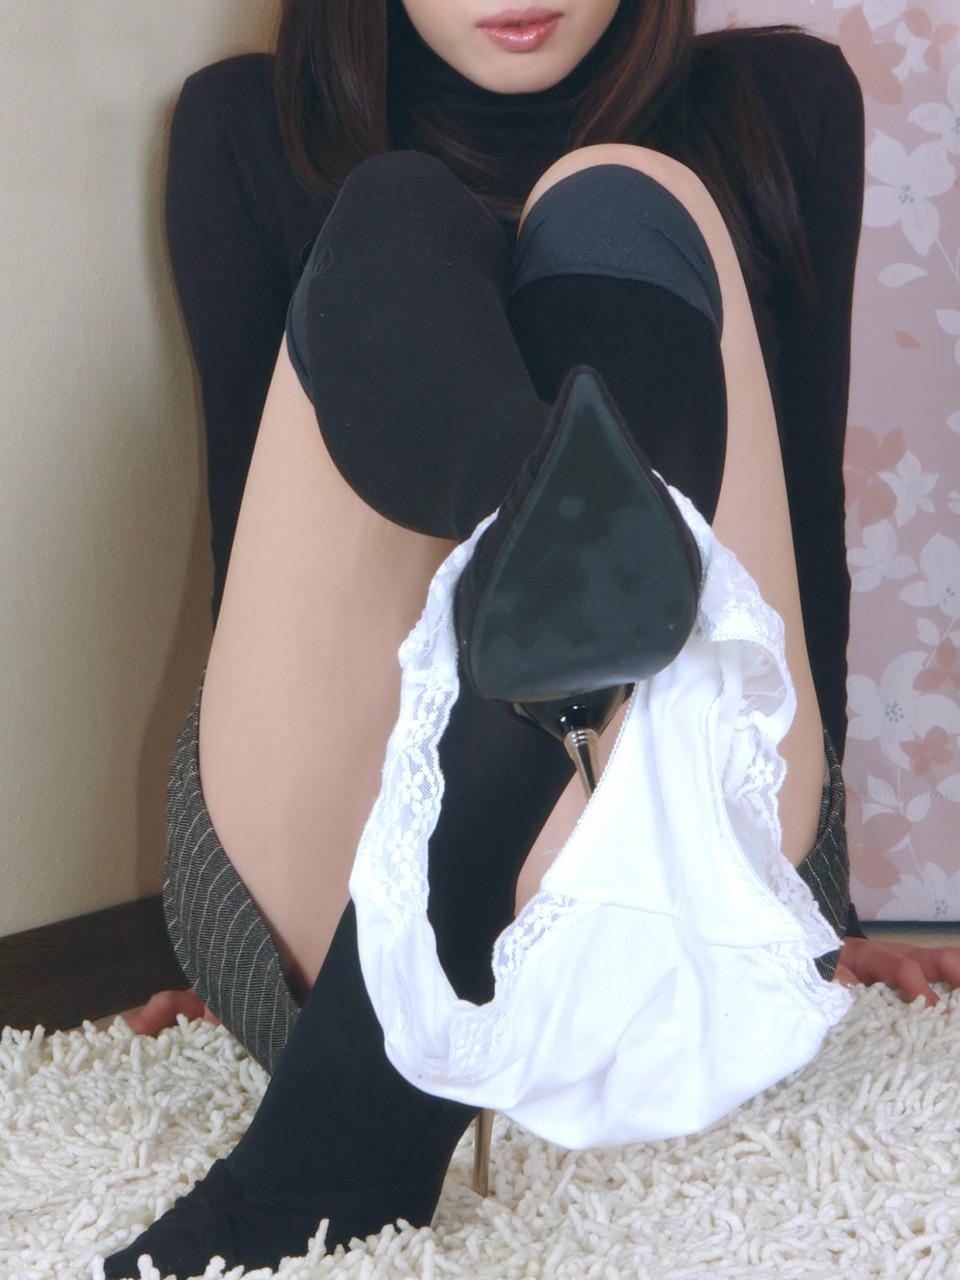 【画像】今すぐパンツ脱いで見せて→素直に応じた女50人がこちらwwww 03